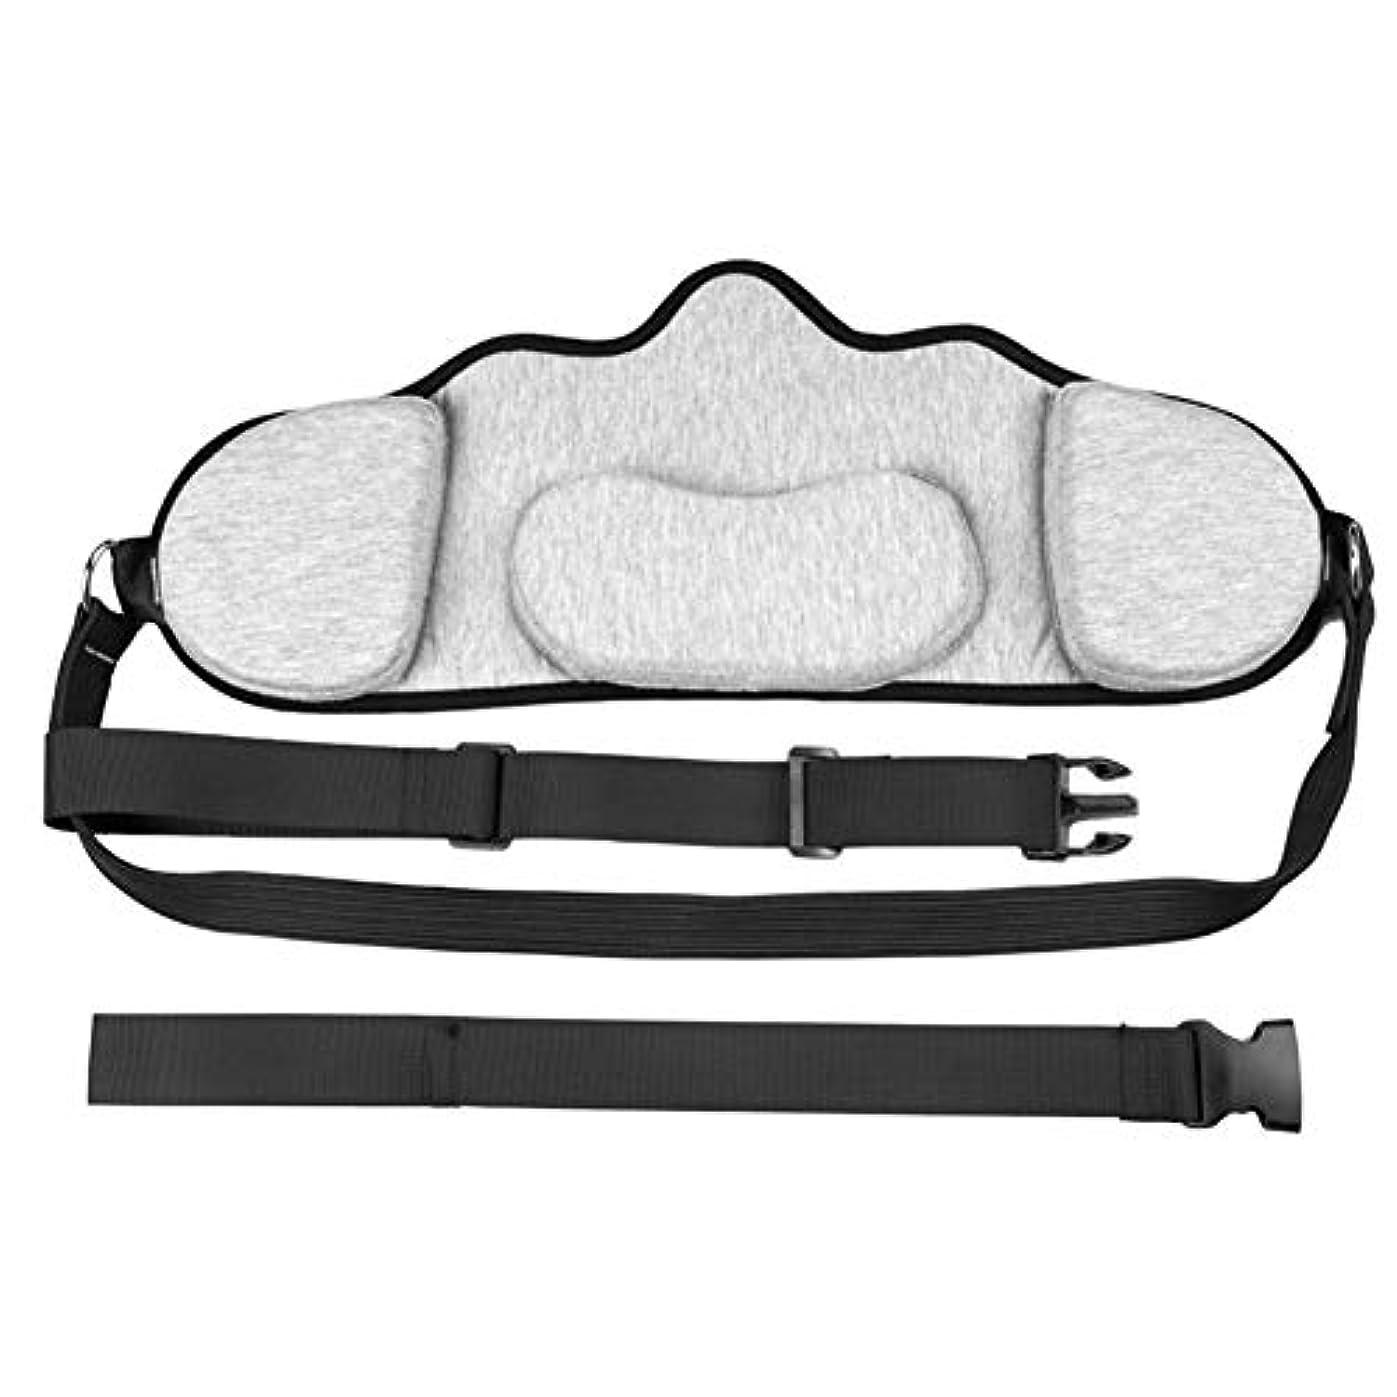 シロナガスクジラ百年環境保護主義者2パック耐久性のあるポータブル首牽引&リラクゼーションハンモック、オフィスワーカーのドライバーのためのセルフマッサージャーと肩の痛みサポーターを持つ人はリラックスデバイス